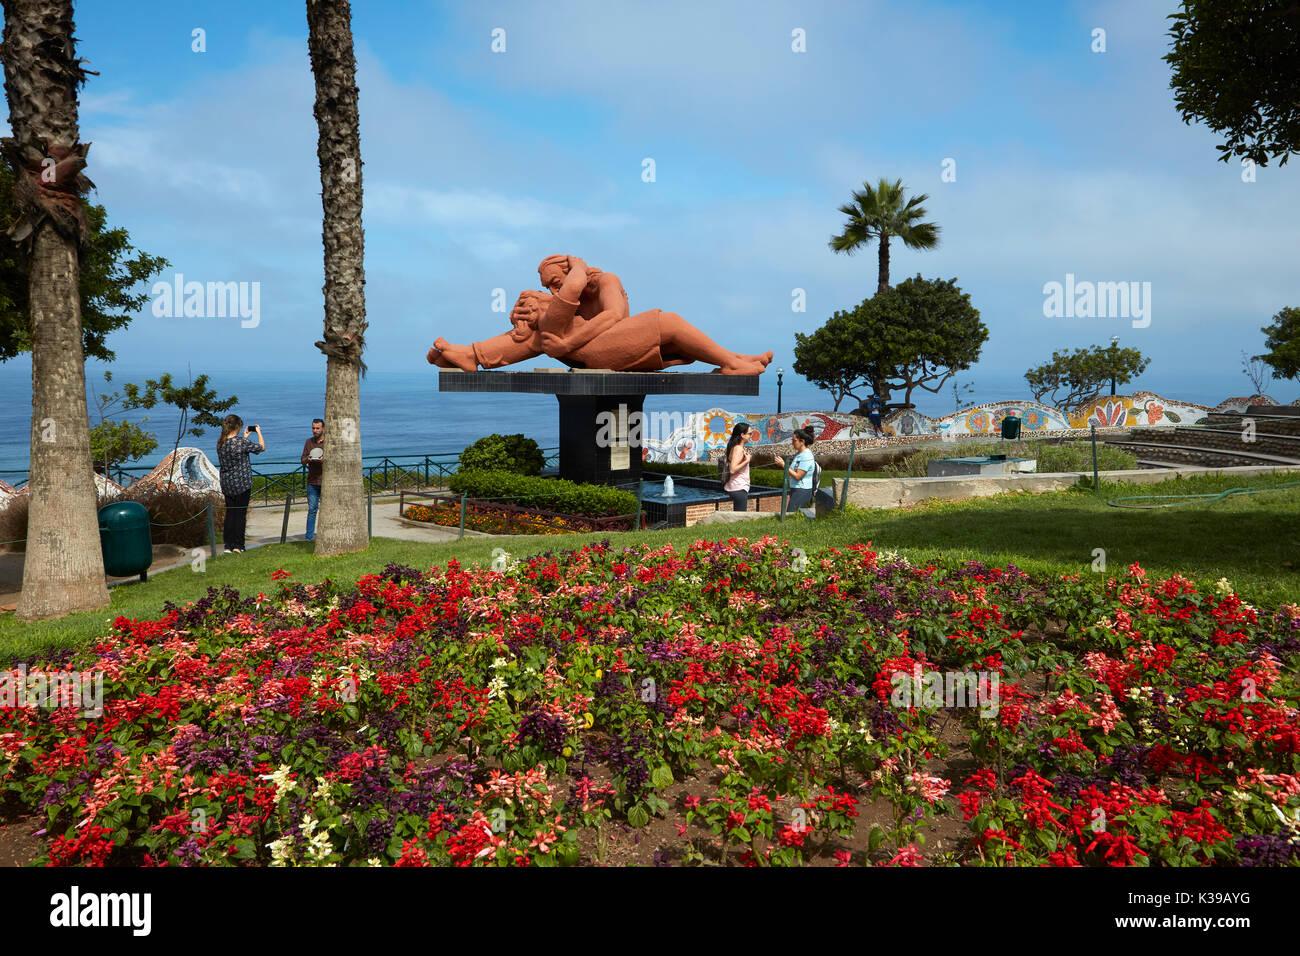 Jardín de Flores y El Beso (El beso) estatua de Victor Delfín, Parque del Amor (Parque del Amor), Miraflores, Lima, Perú, América del Sur Imagen De Stock